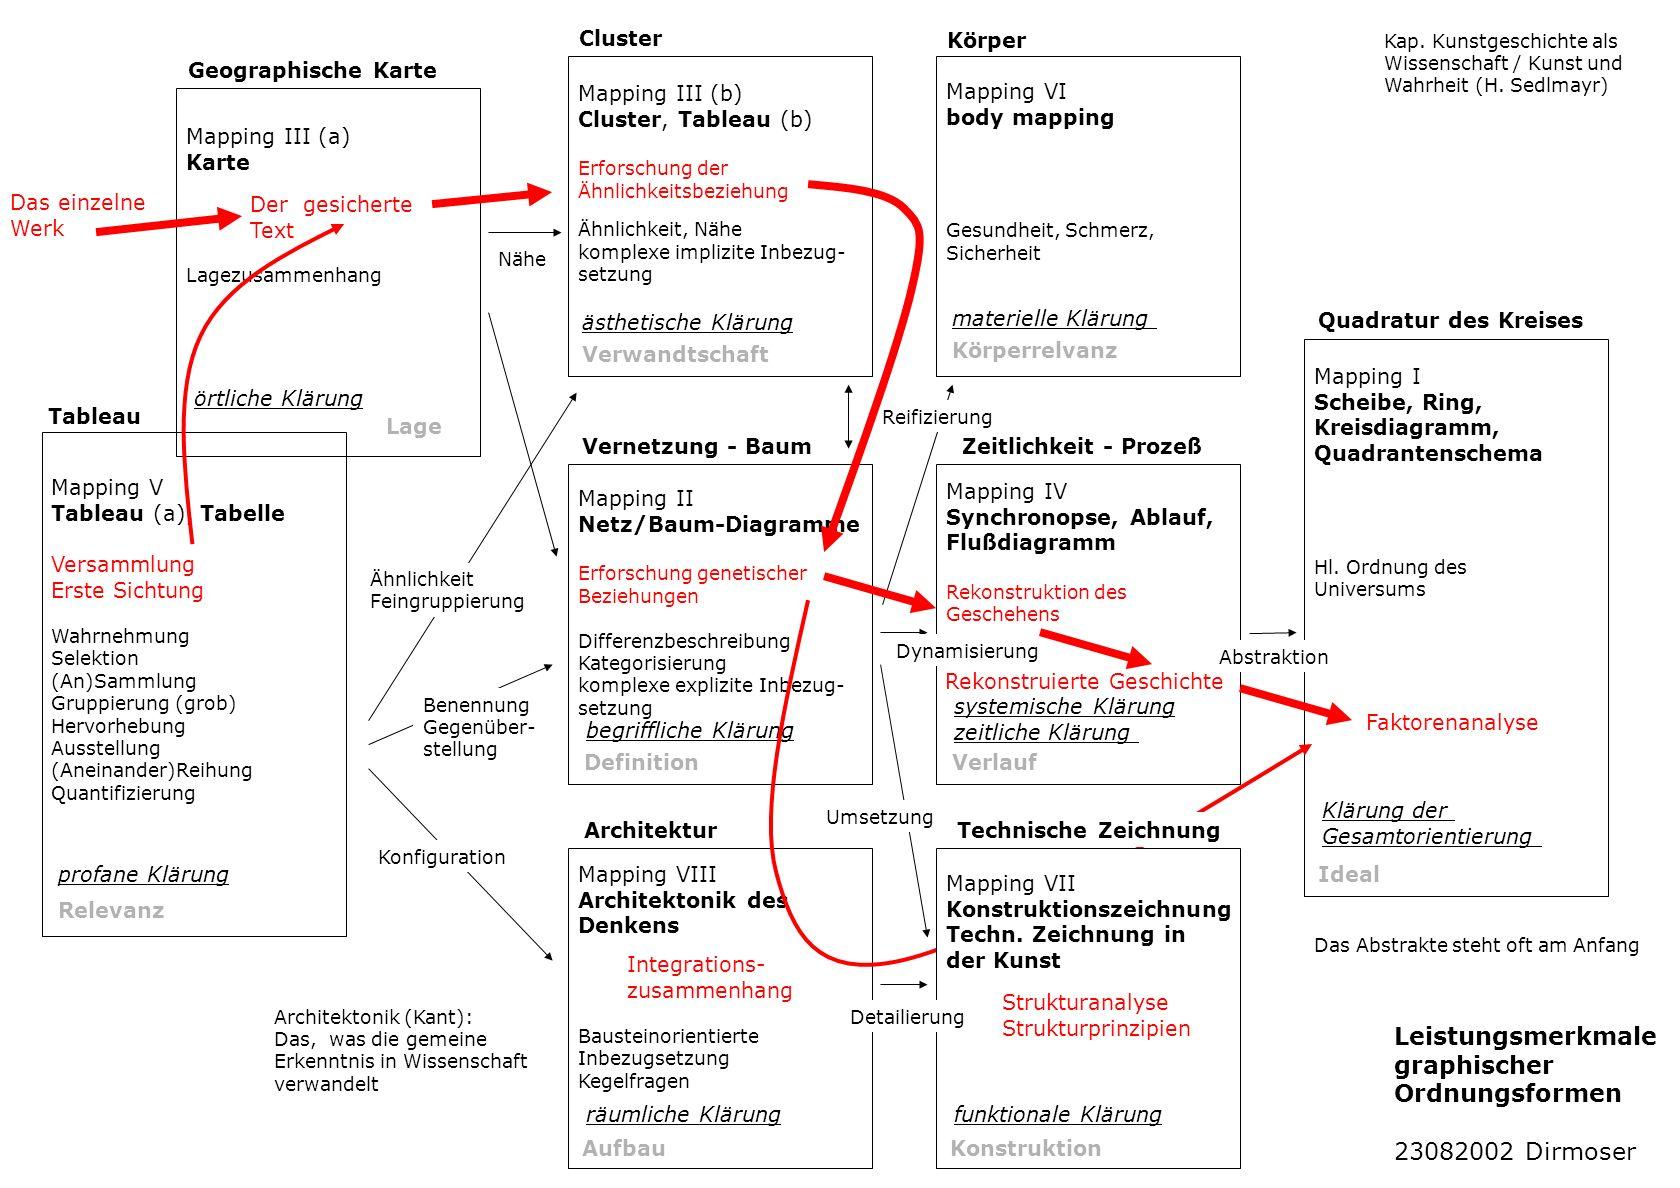 Ähnlichkeit Nähe Identität Ansammlung Abfolge DifferenzProzeß KreisLauf I II III IV VII V VI VIIIIX X Schichtung - FaltungAufbau Konstruktion Geometrische Ideale Komplexer Ablauf Synchronopse Notation Körper Organismus Karte Topographie Analoge Repräsentation Netz Baum Rhizom Genealogie Architektur Architektonik Konfiguration Modell Techn.